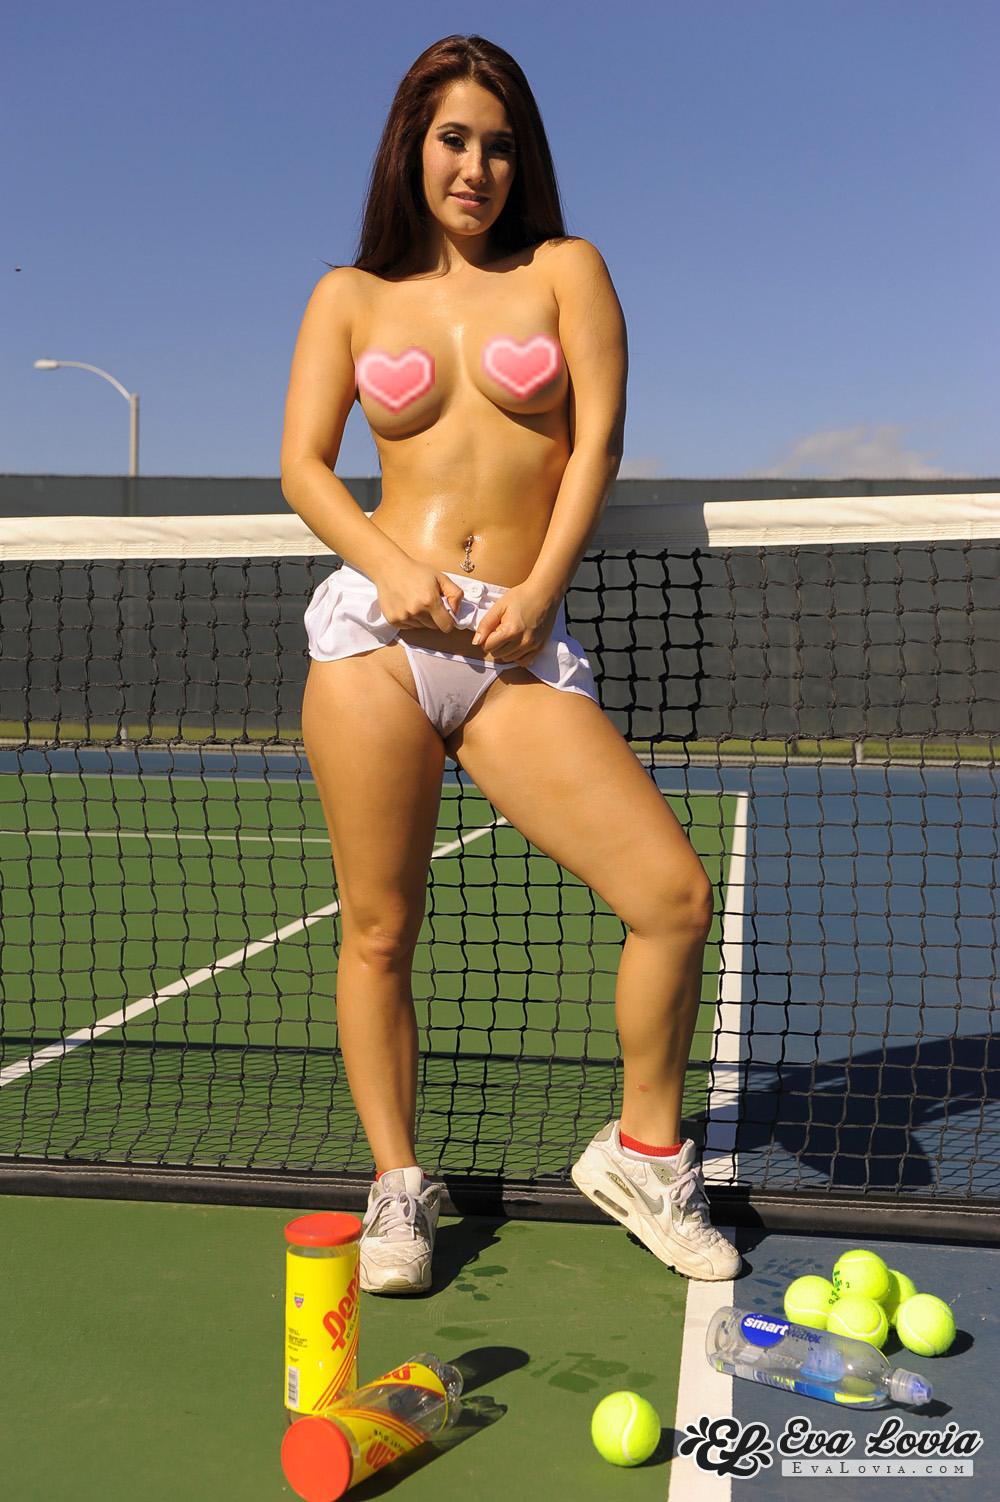 tennis skirt sexy